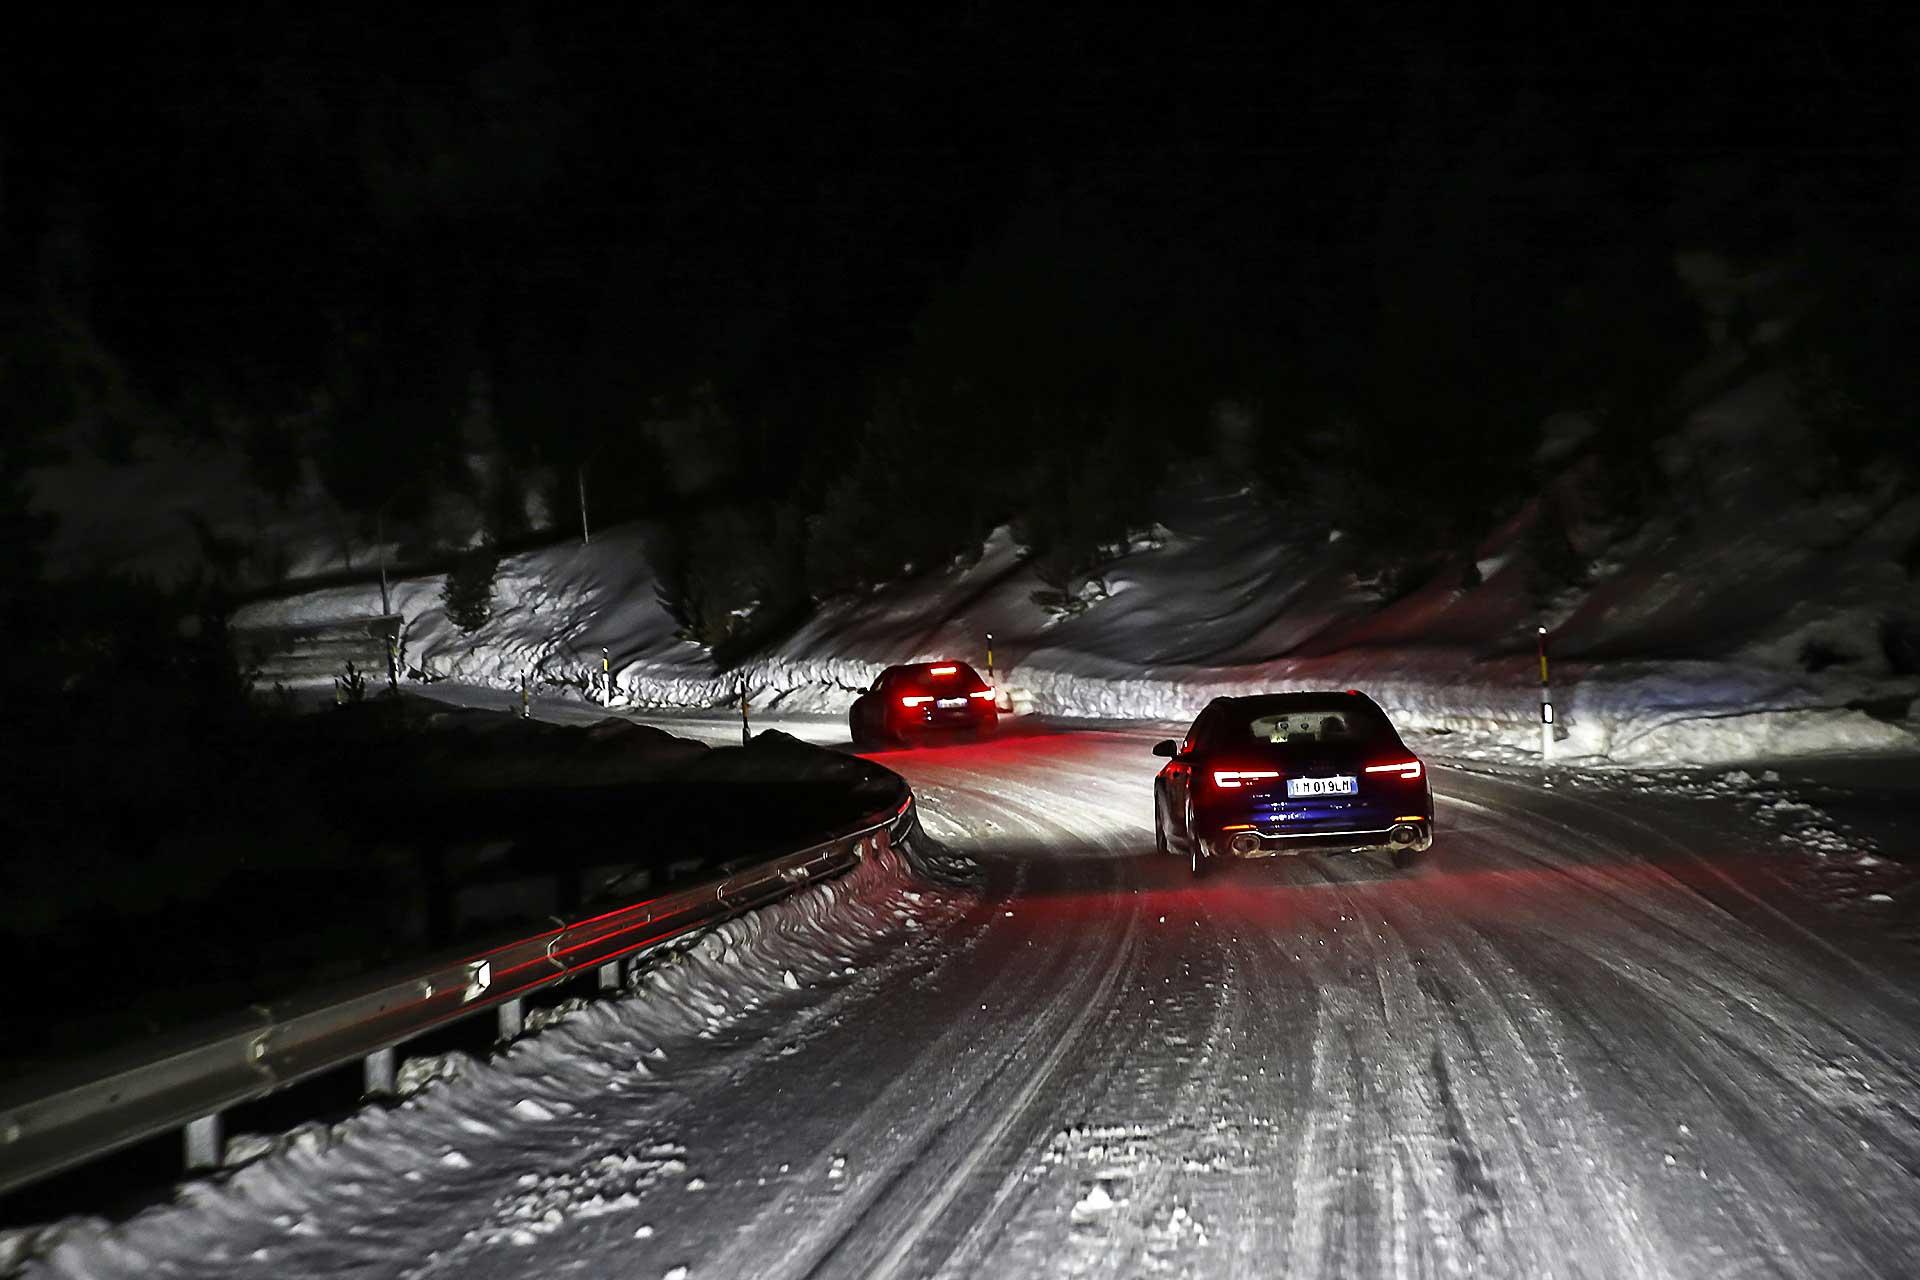 Audi RS4 2018 20Quattro Ore delle Alpi passo alpino di notte con neve